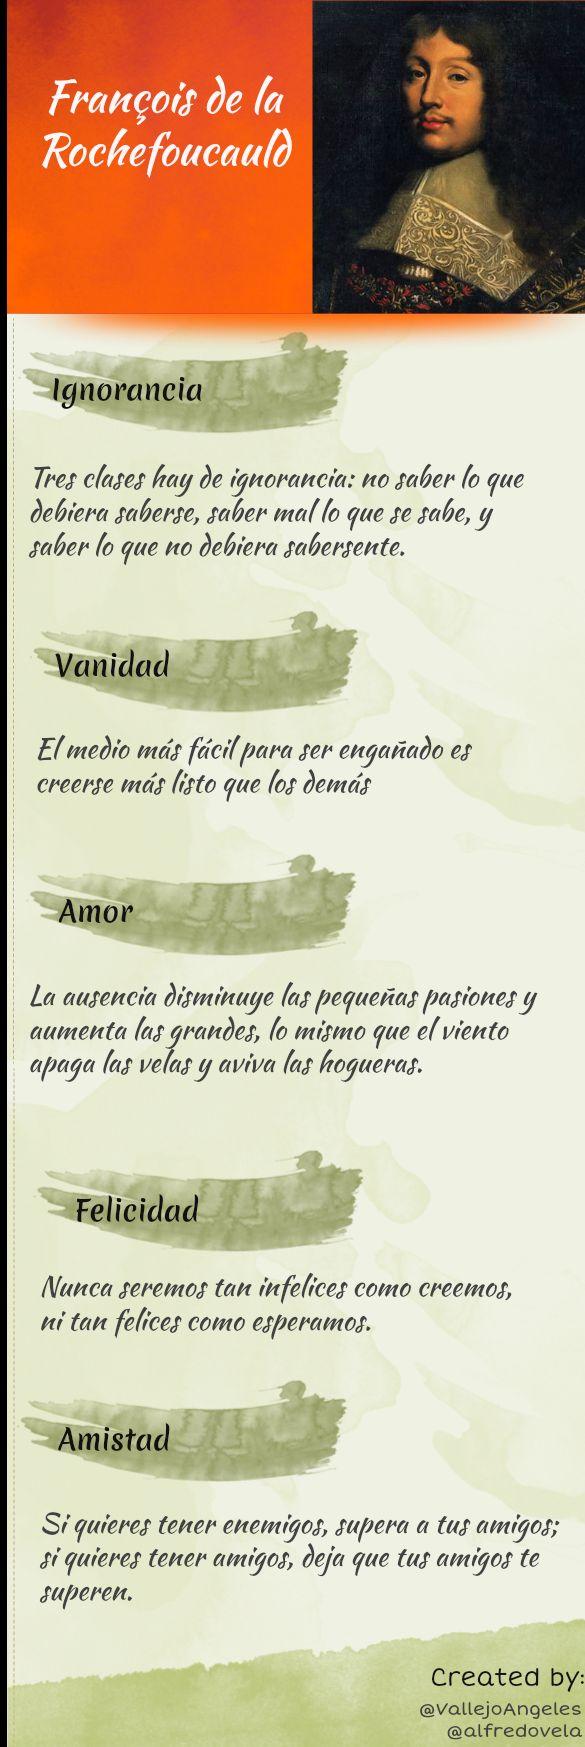 Frases célebres de François de La Rochefoucauld #infografia --> Excelente!